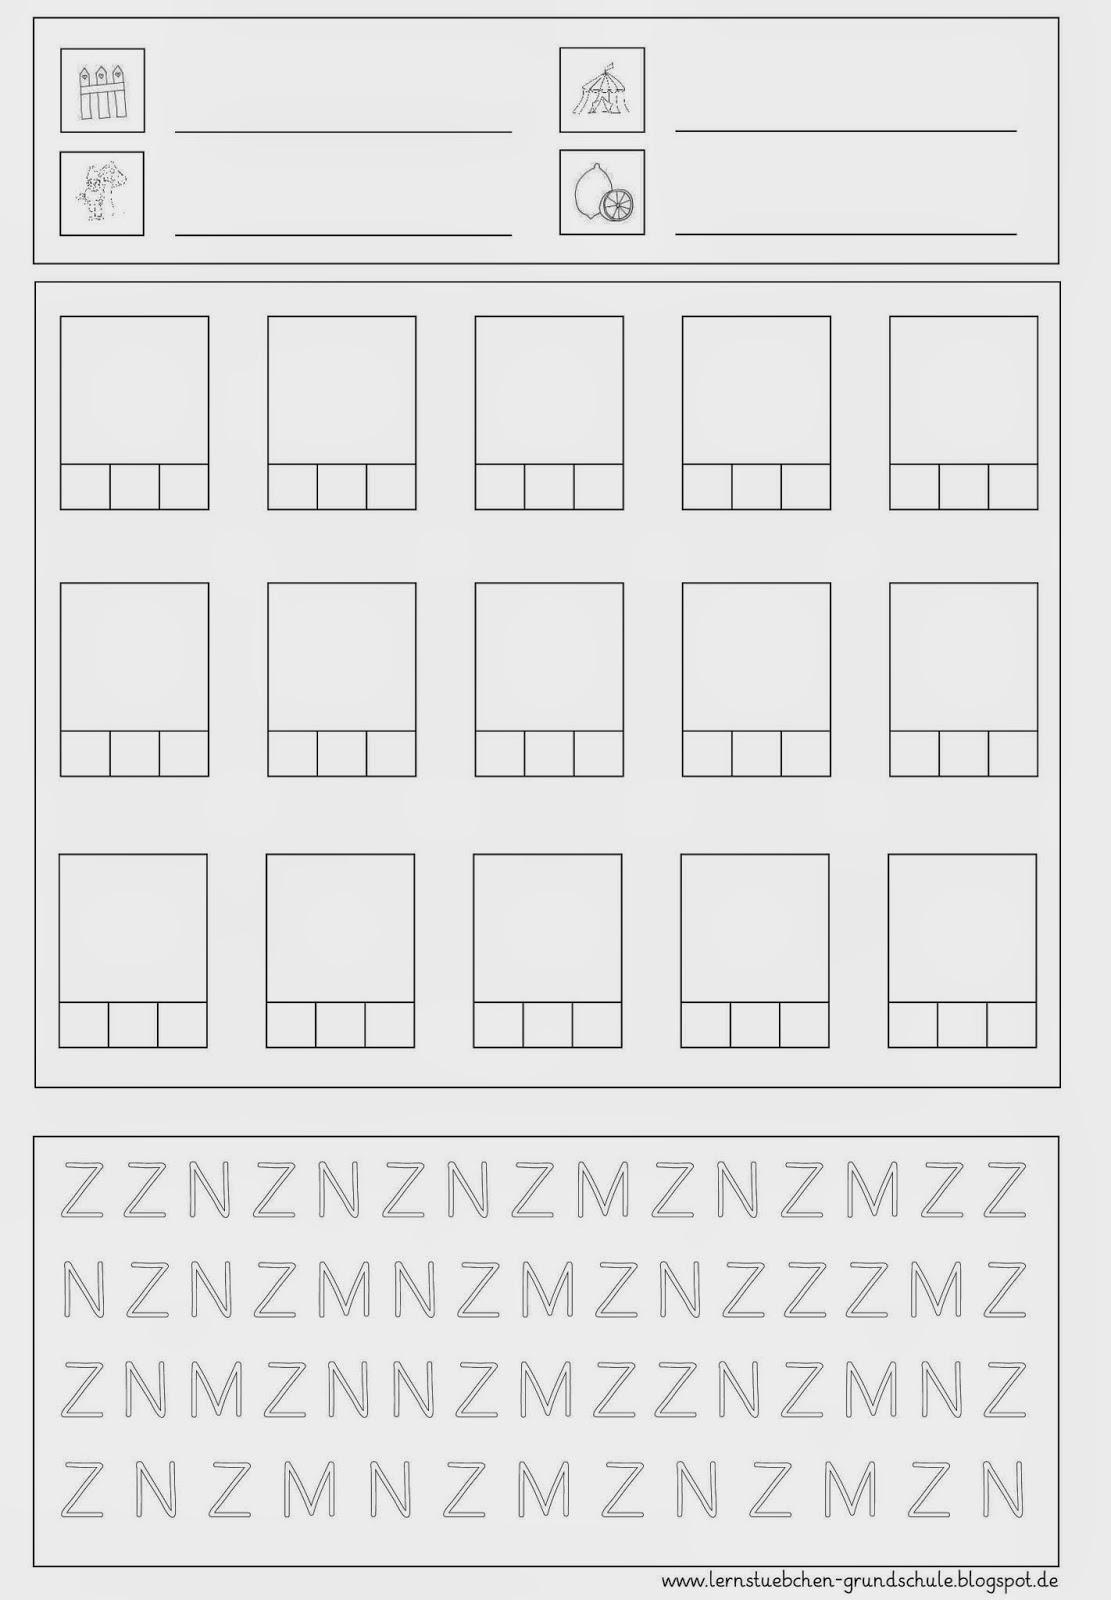 Lernstübchen: Arbeitsblätter zum Z - z